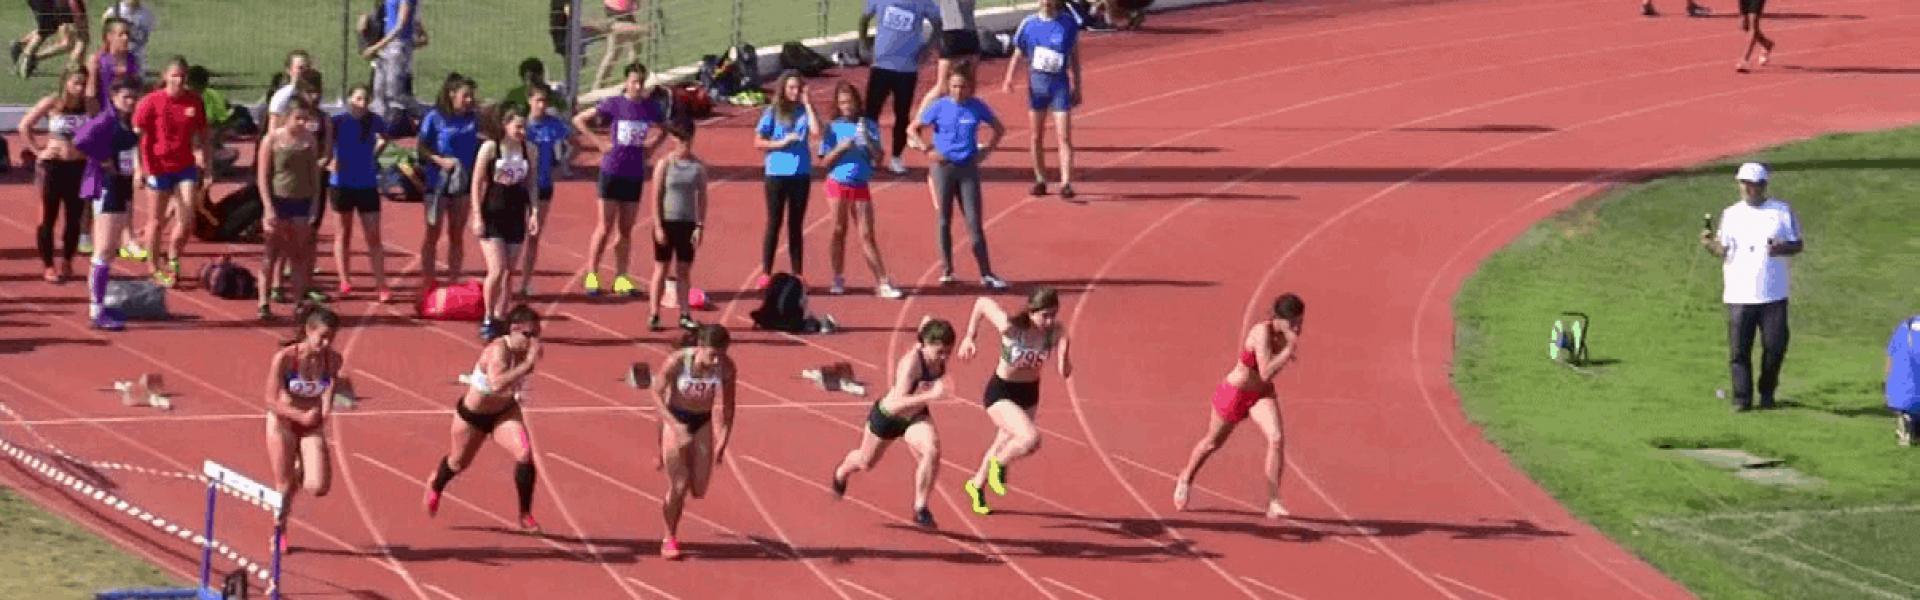 Athletes run in a stadium